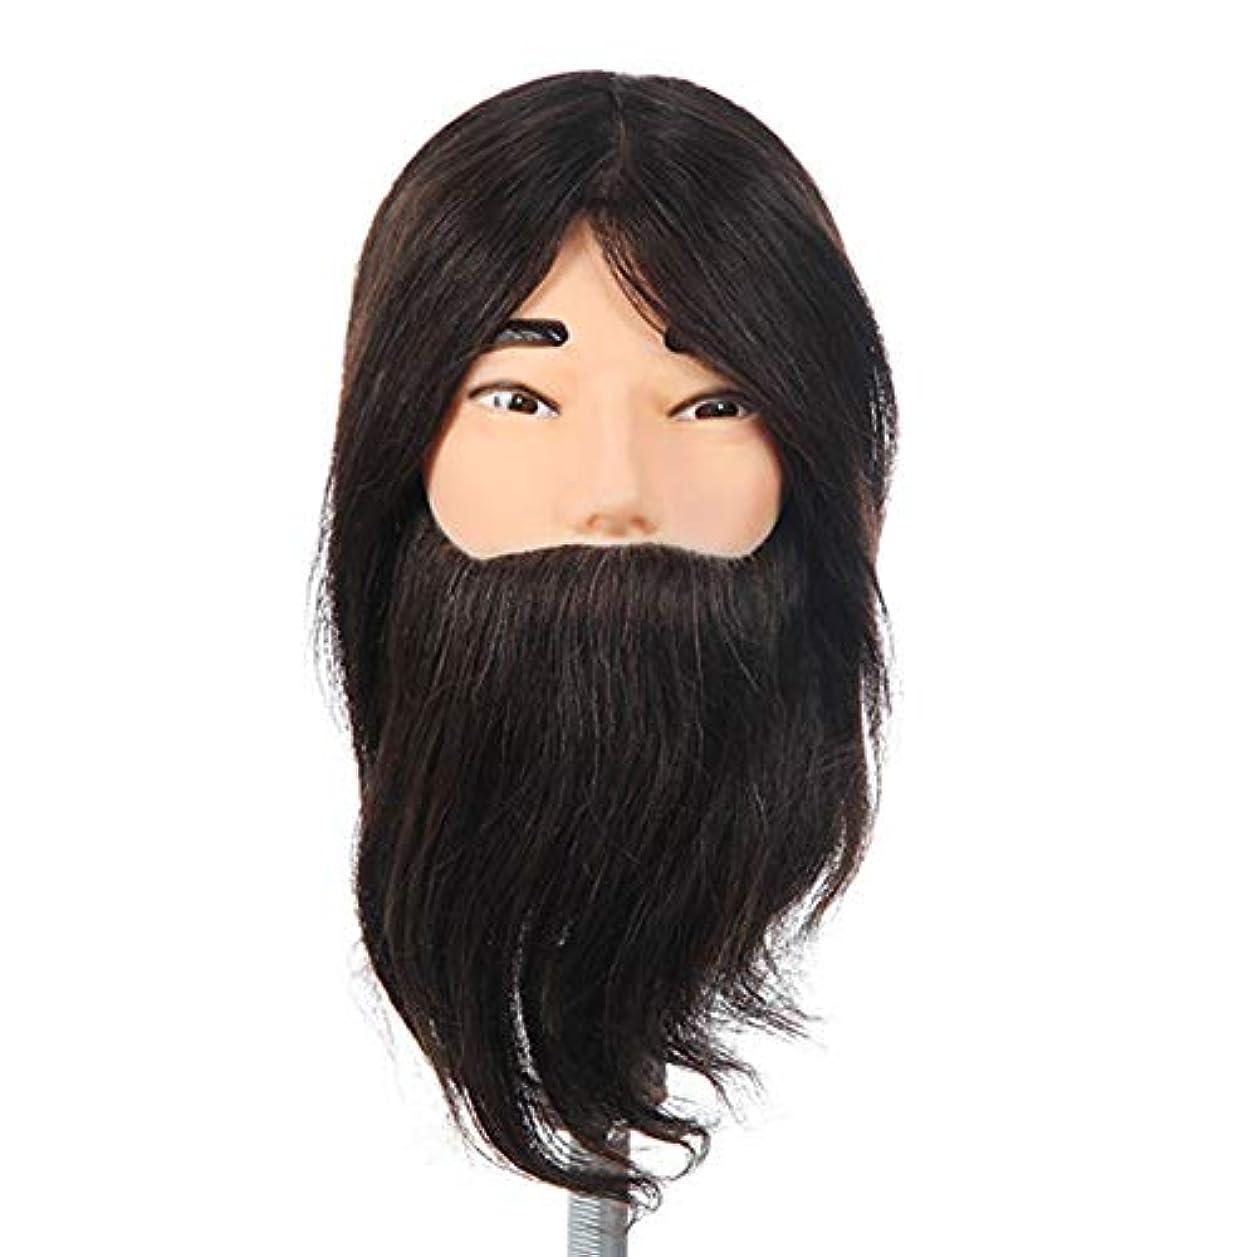 特権影のある保険をかけるリアルヘア練習ヘッドモデルヘアサロントリミングパーマ染毛剤学習ダミーヘッドひげを生やした男性化粧マネキンヘッド